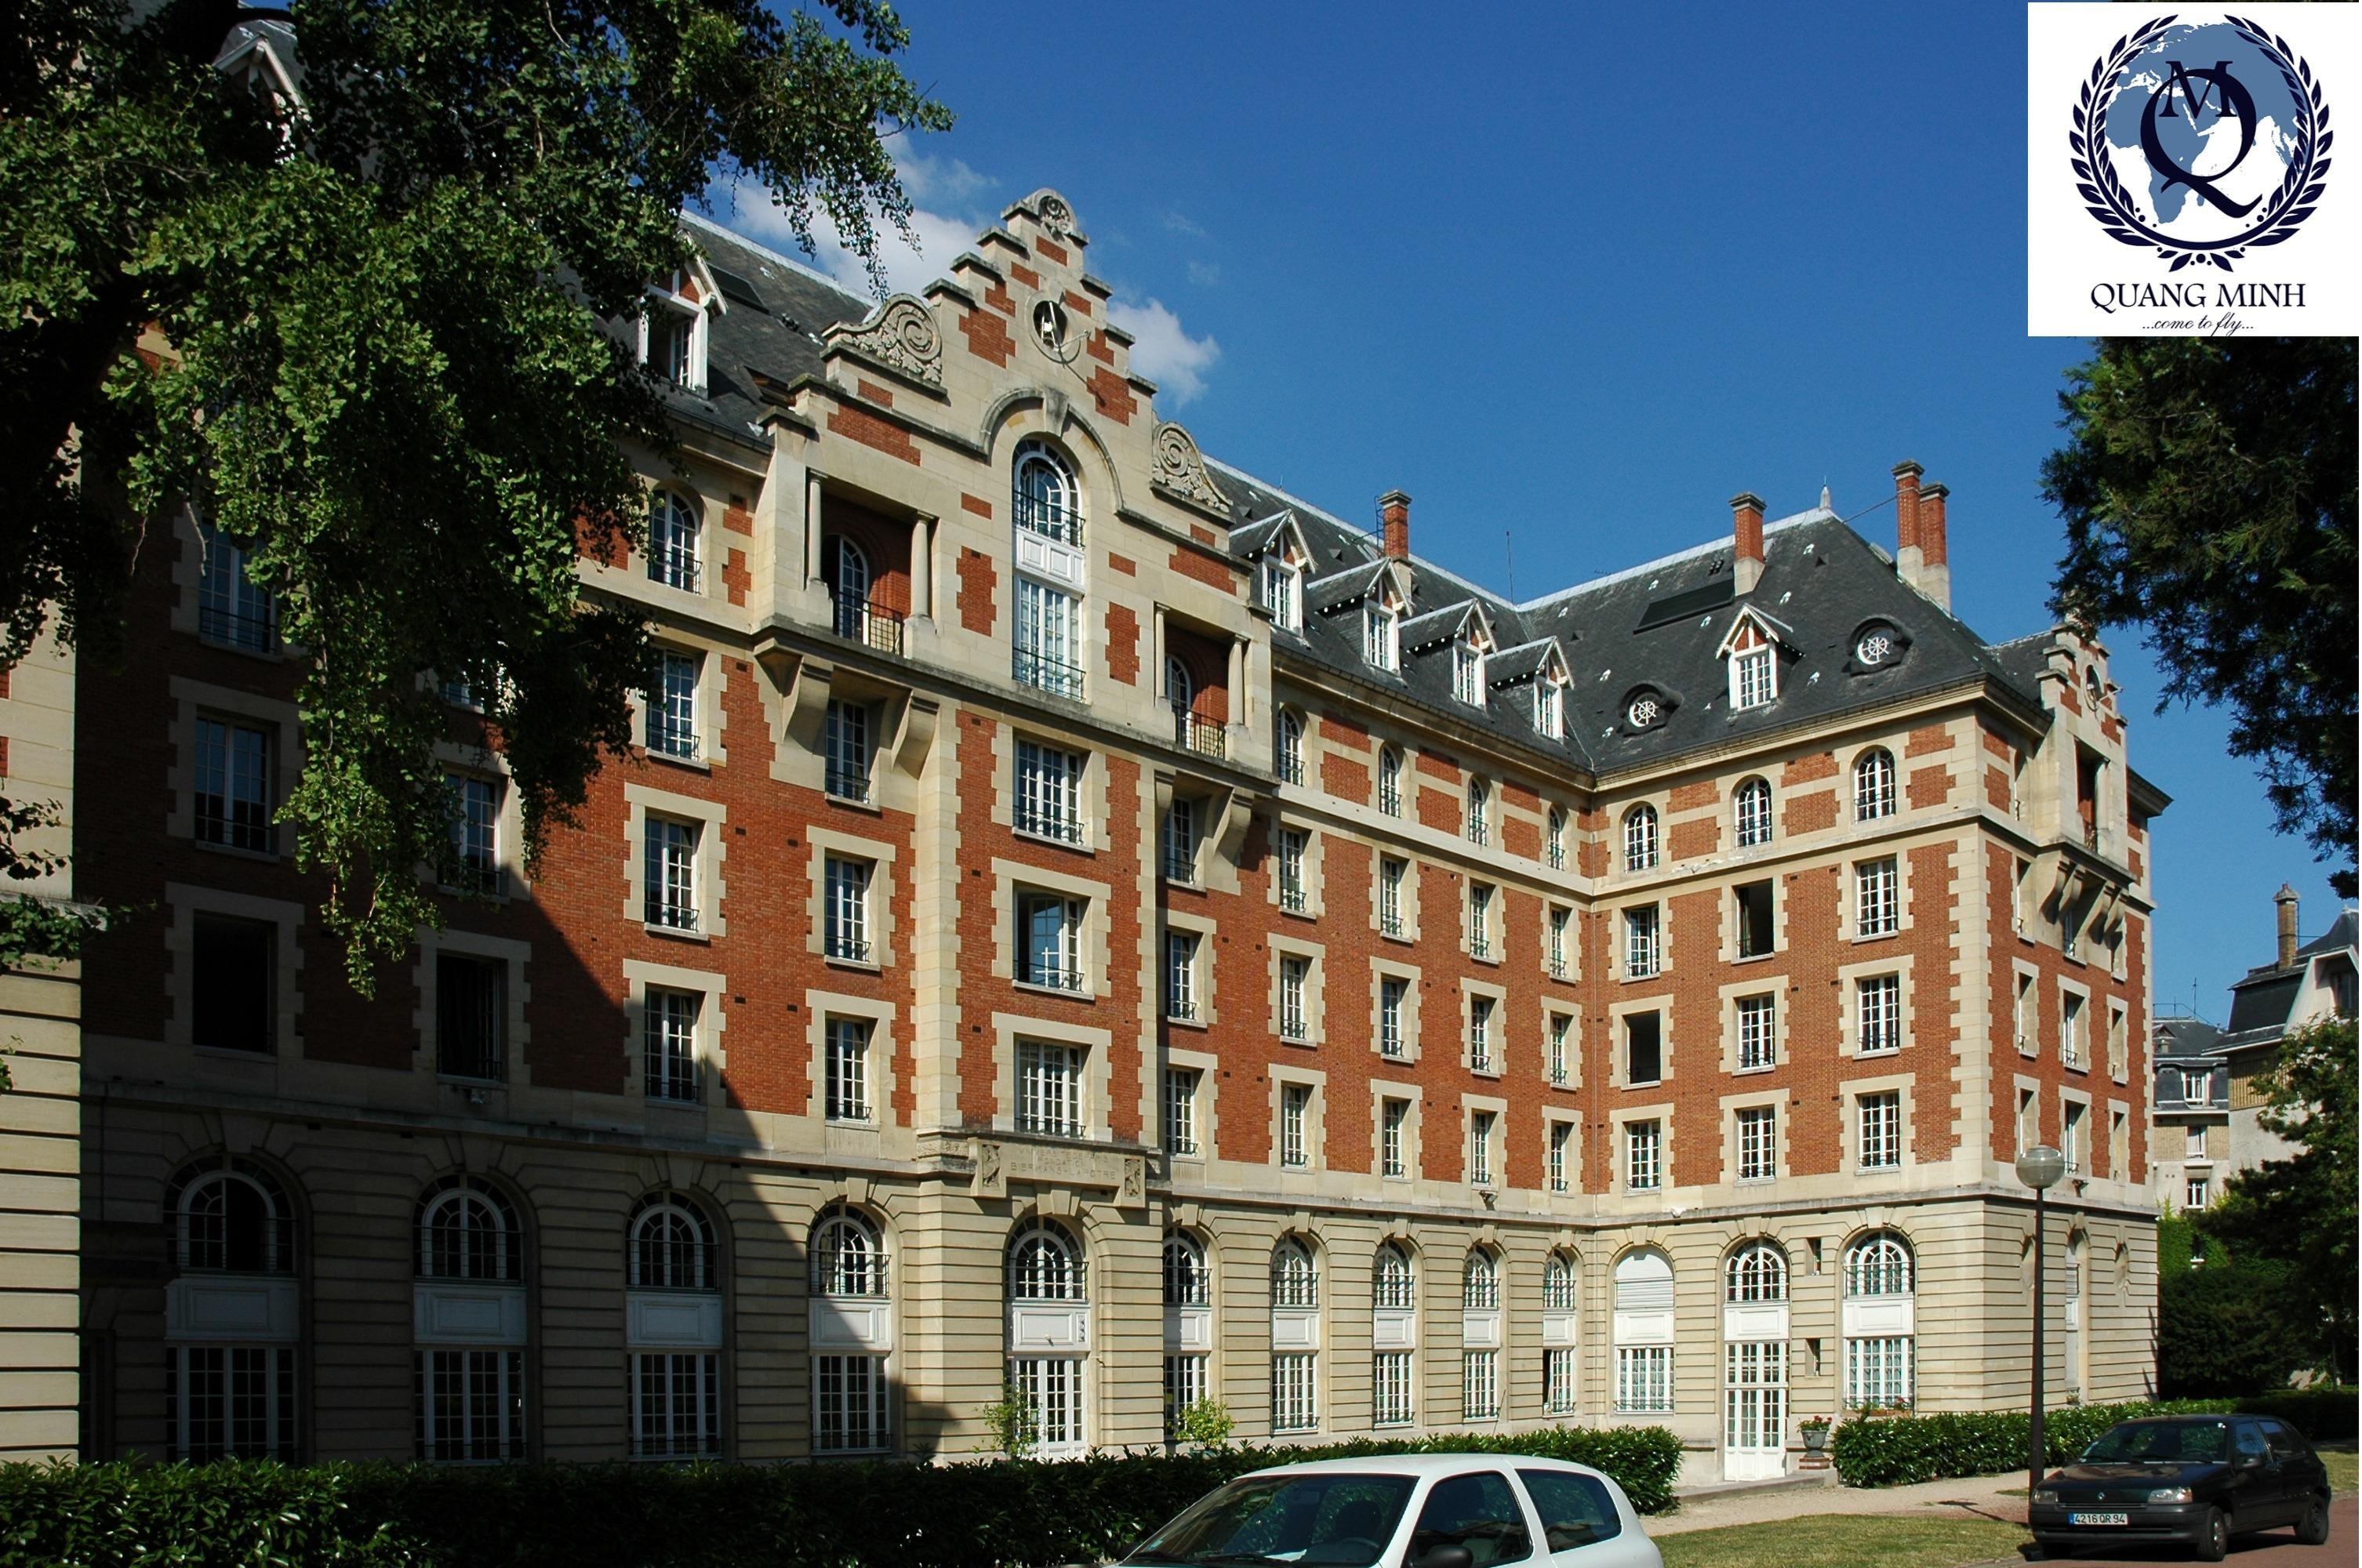 Đại học công giáo Louvain- Vương quốc Bỉ